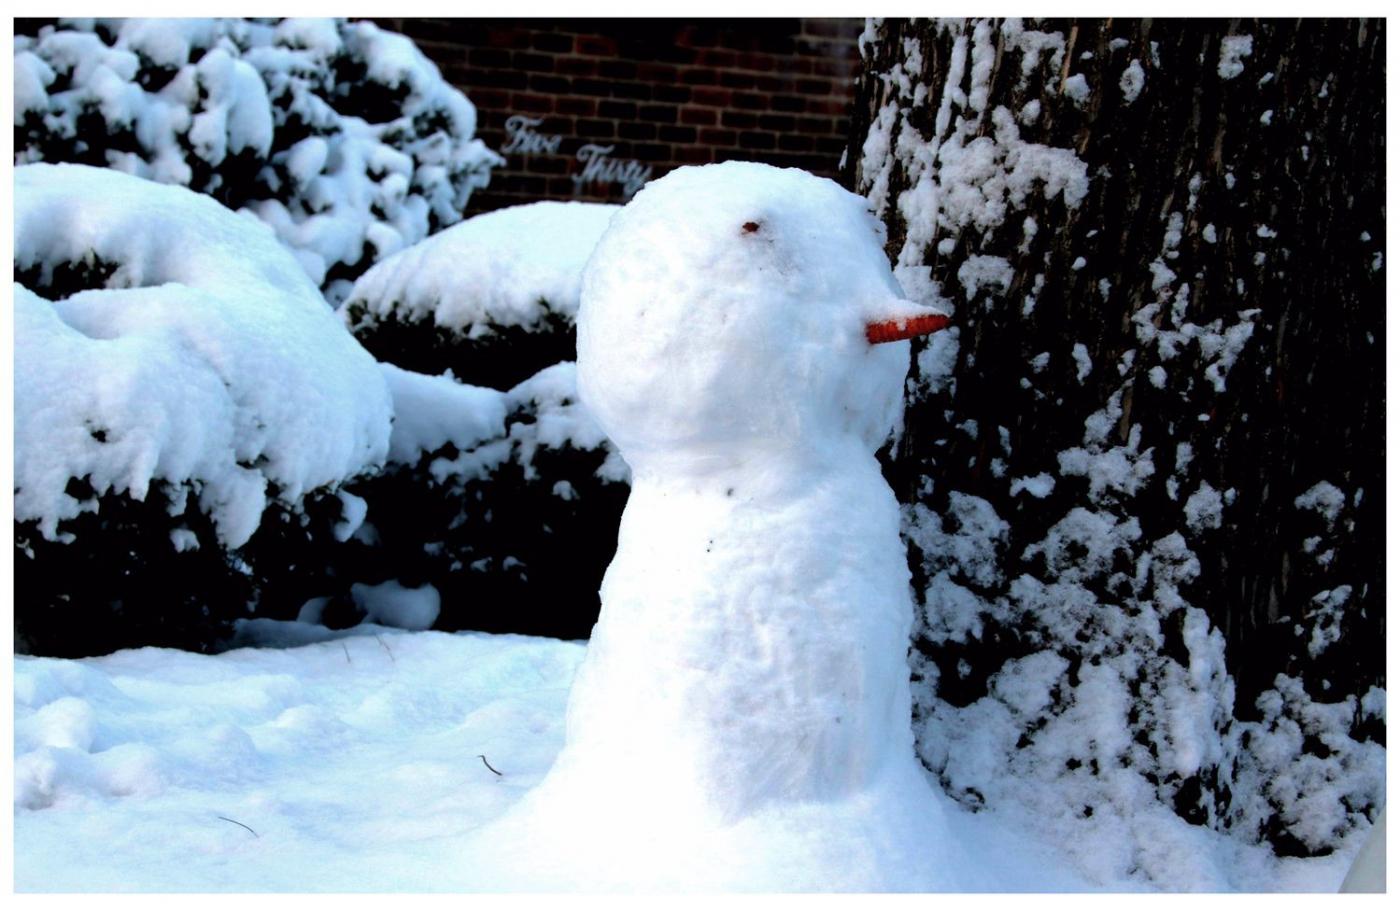 纽约地区入冬首雪景色迷人_图1-29